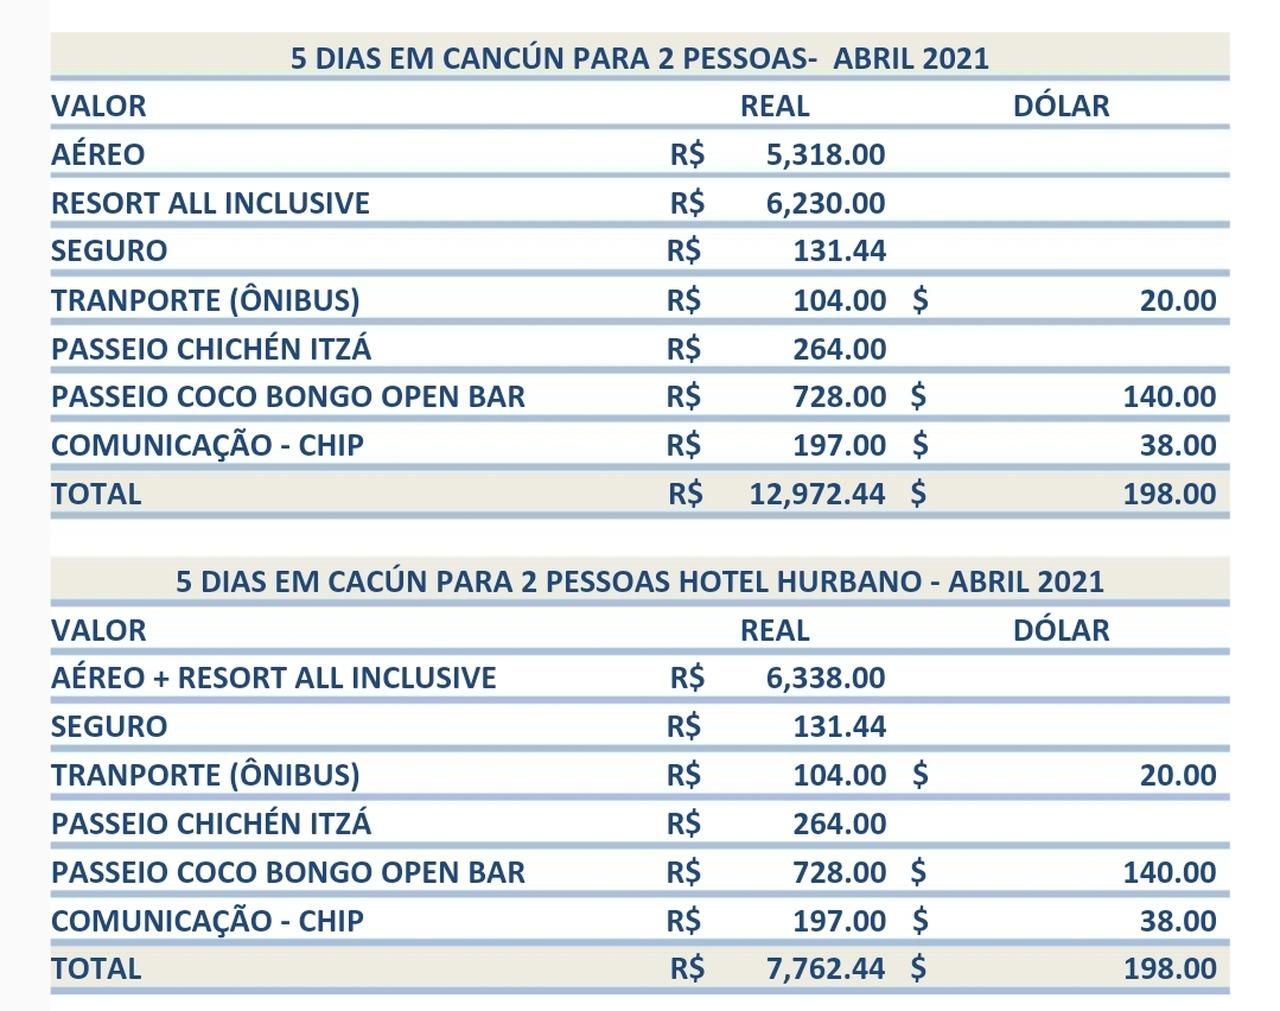 Quanto custa viajar para Cancún - Dicas para viajar com economia